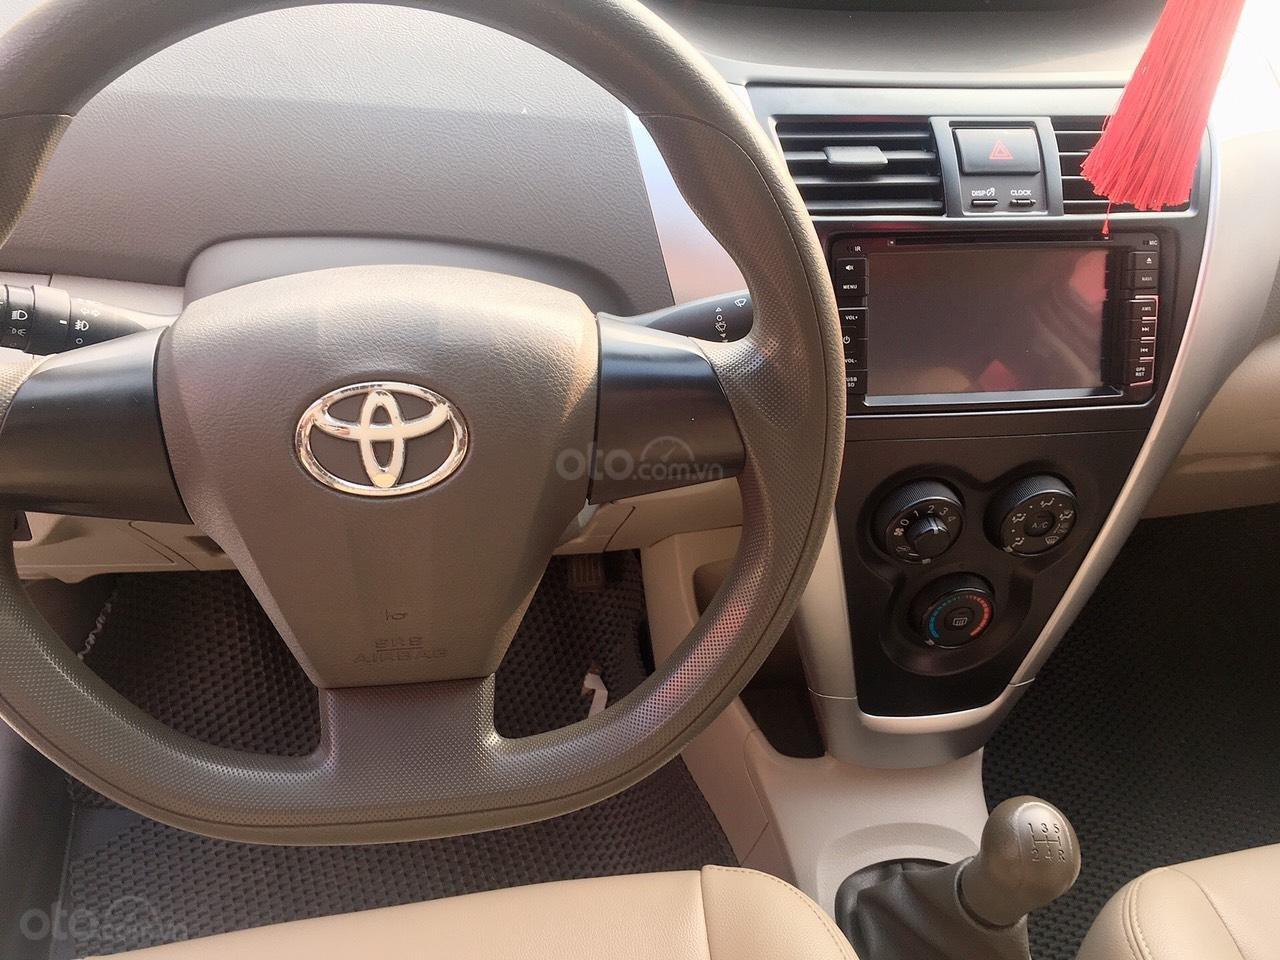 Bán Toyota Vios đời 2010 giá cực rẻ (8)